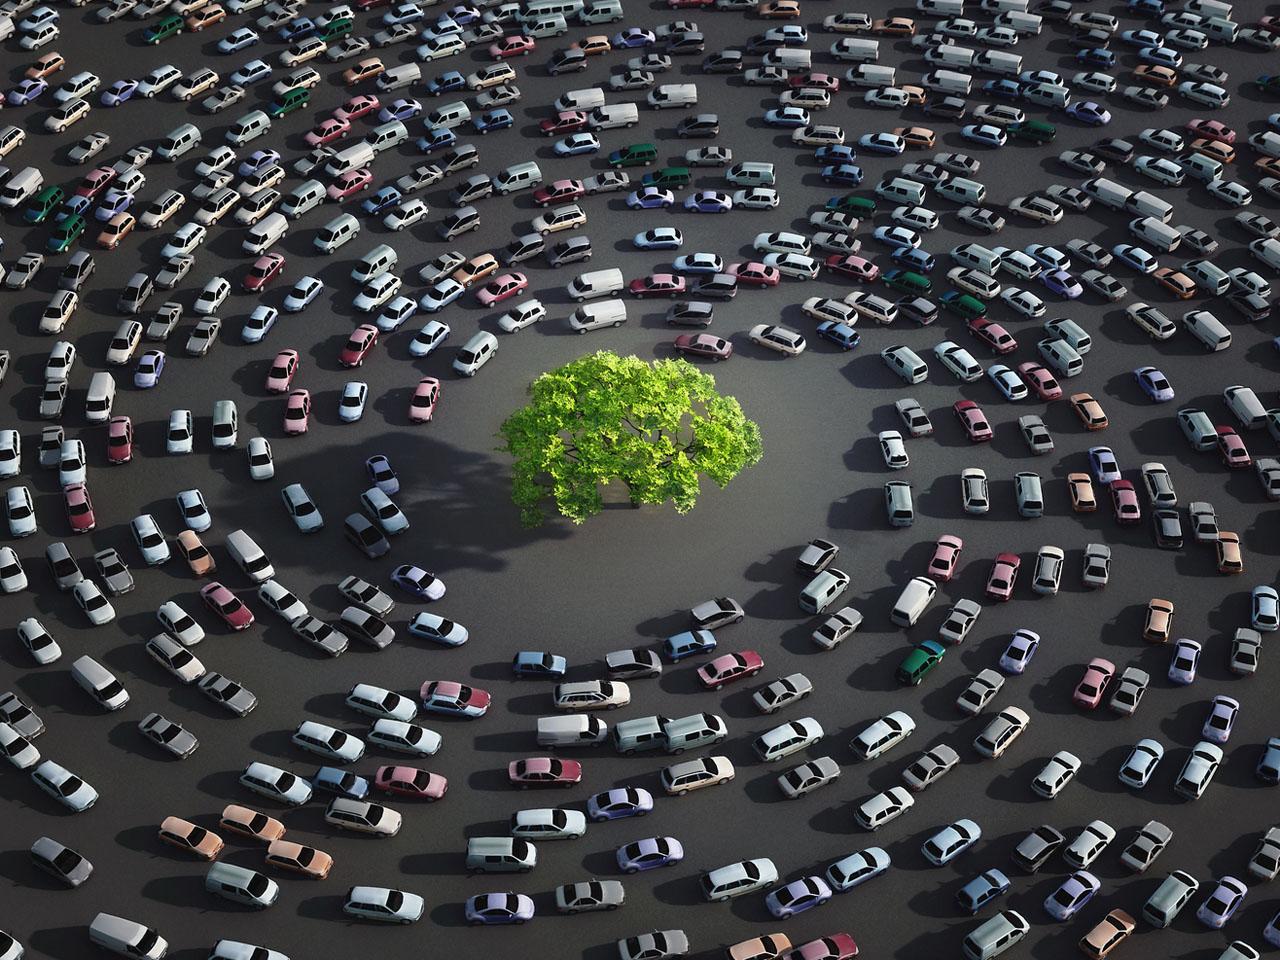 Des arbres pour une meilleure santé en ville